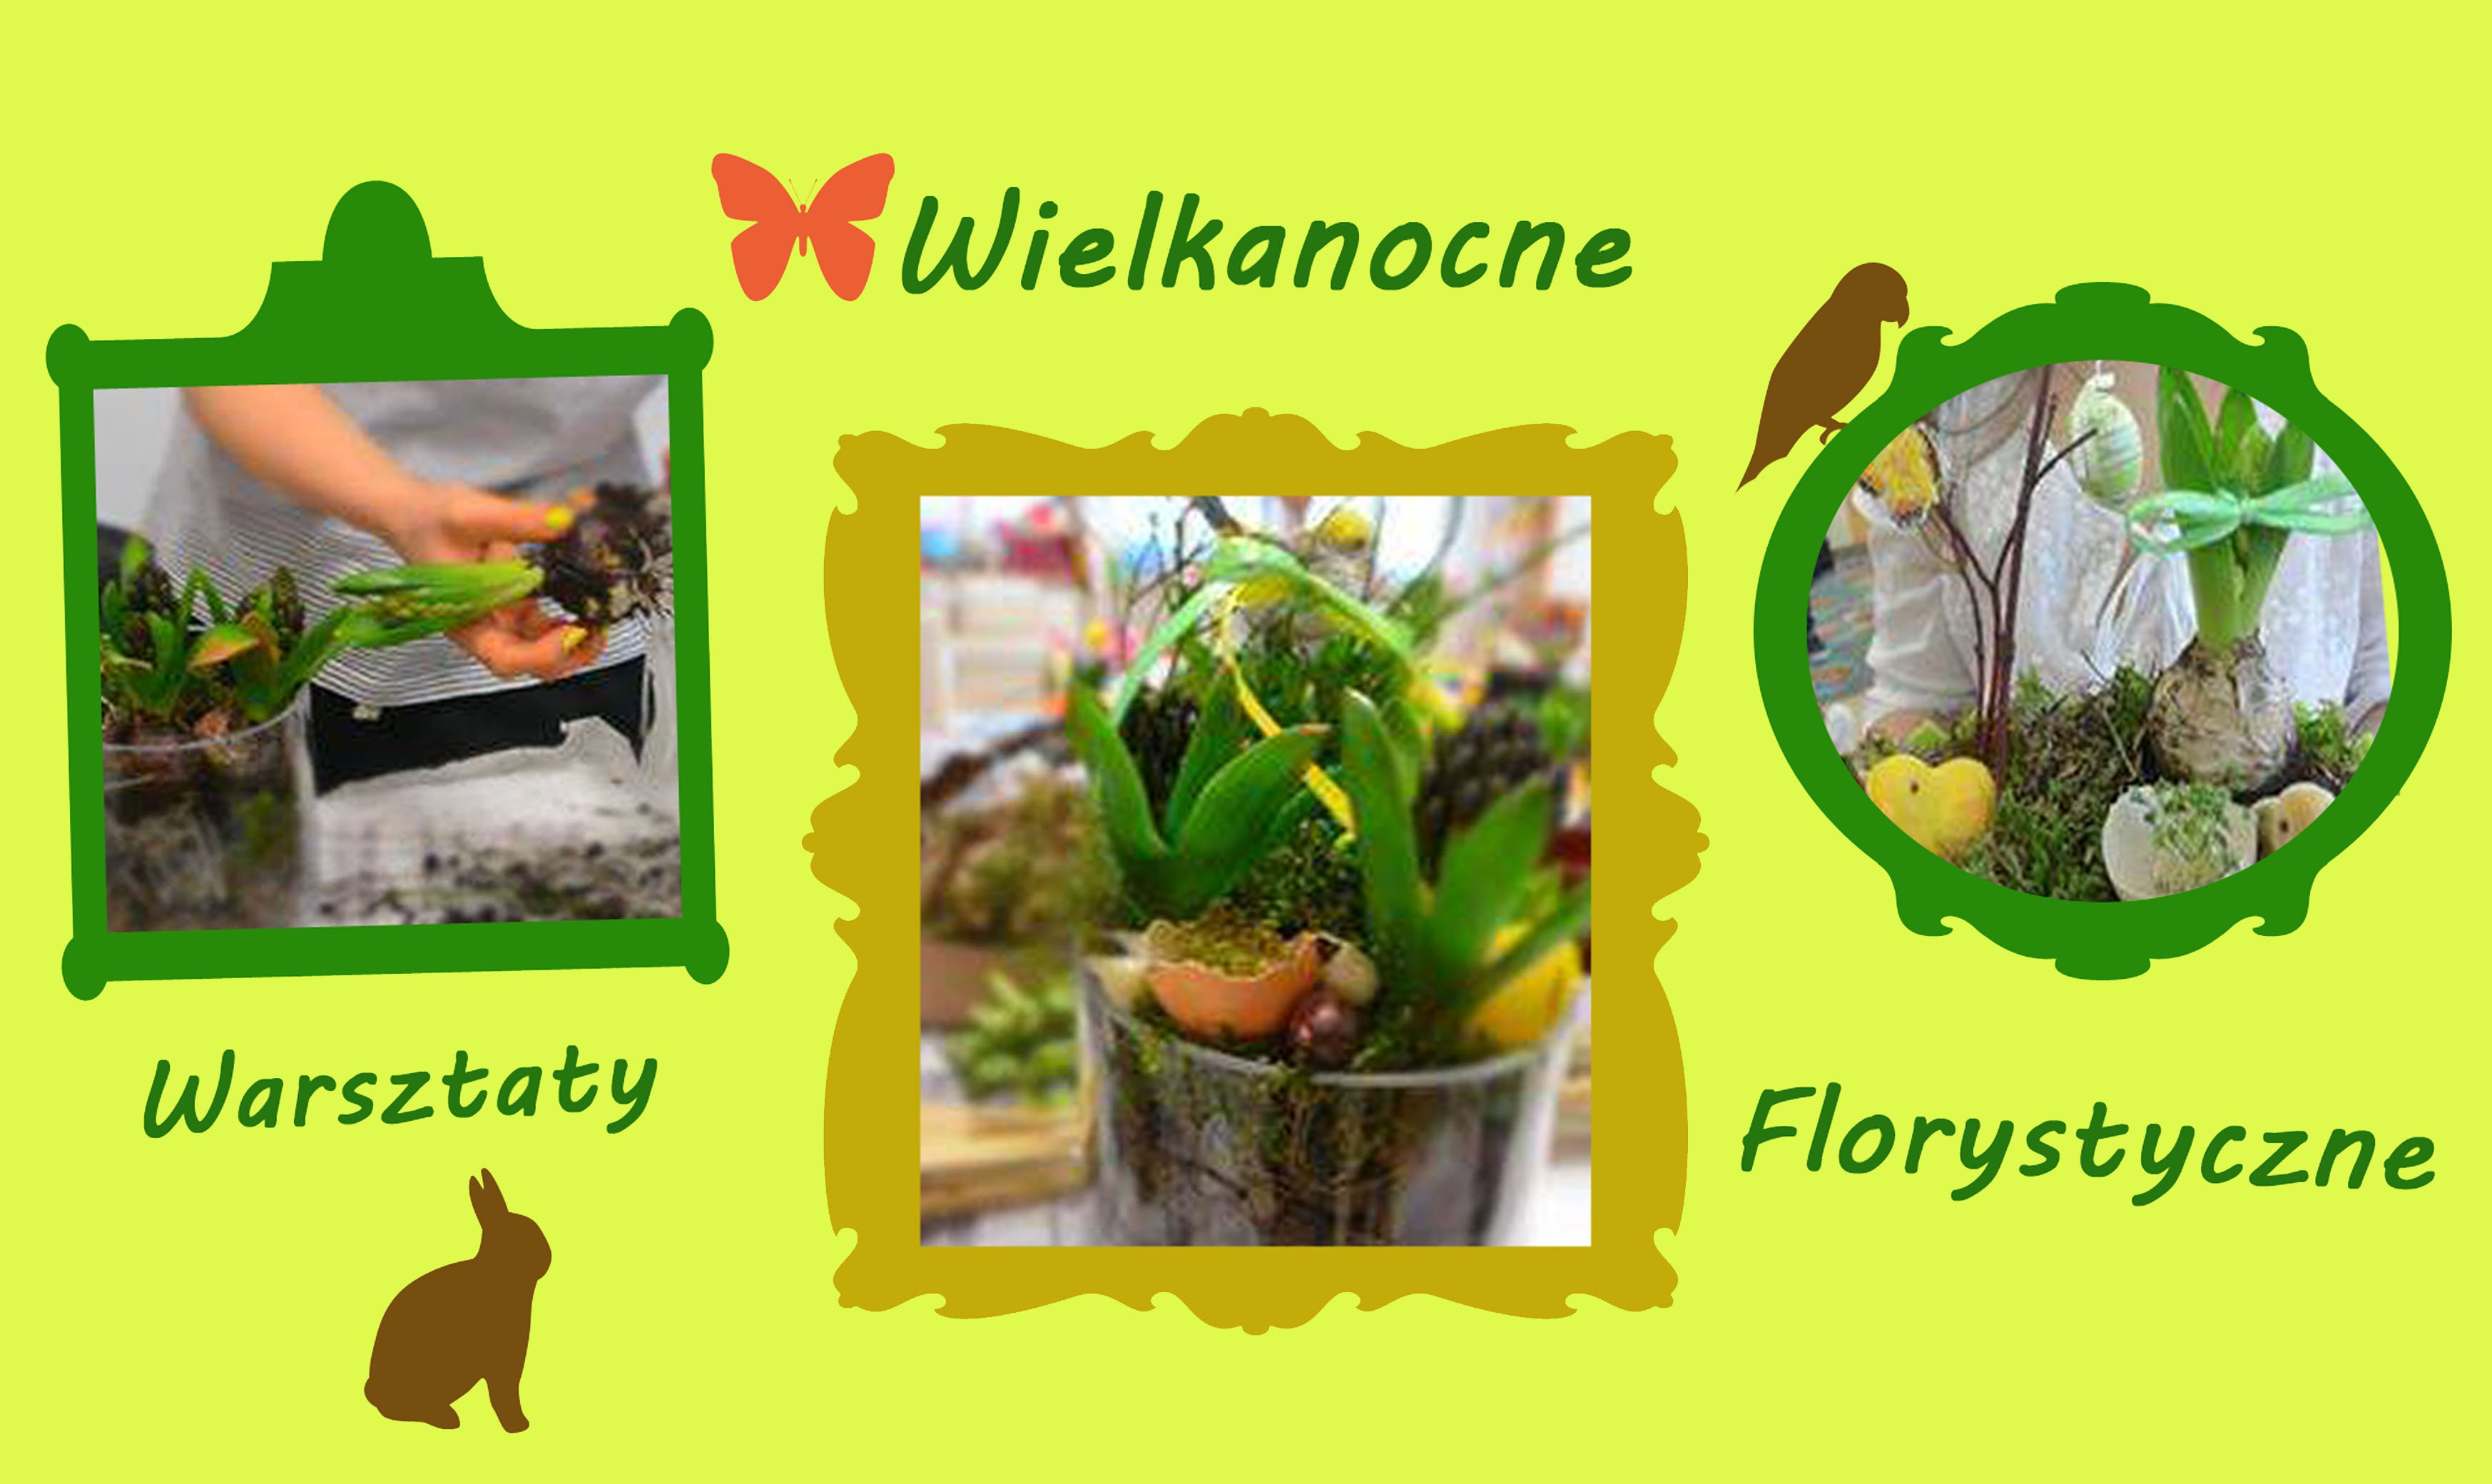 wielkanocne_warsztaty_florystyczne2_A4